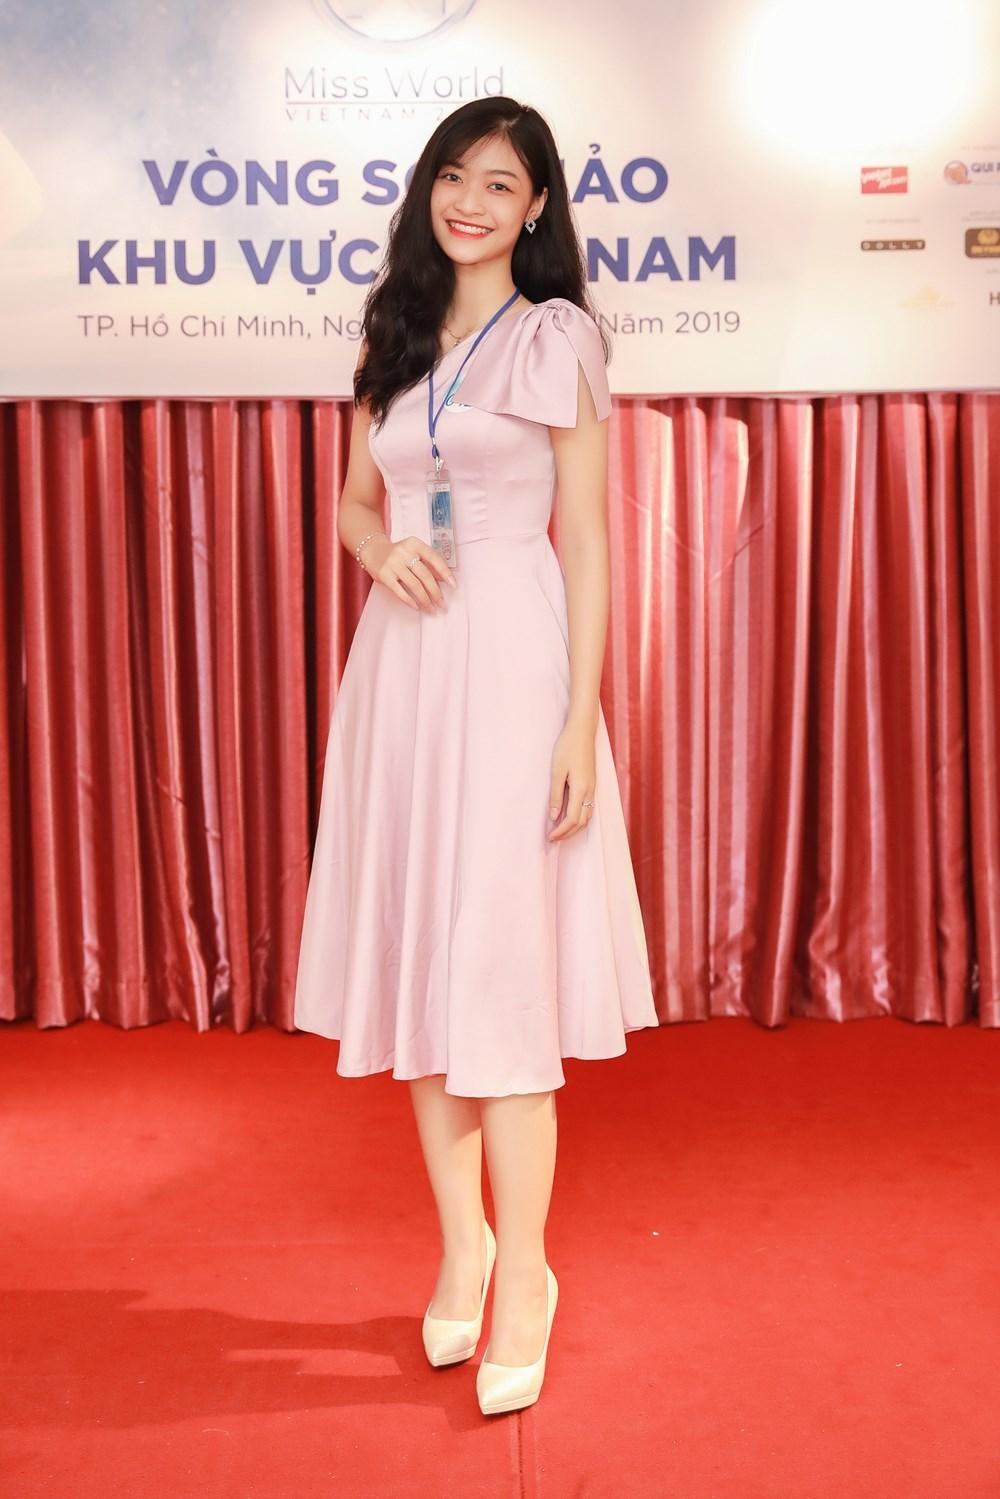 Các thí sinh nổi bật dự Miss World Việt Nam 2019 - Hình 6